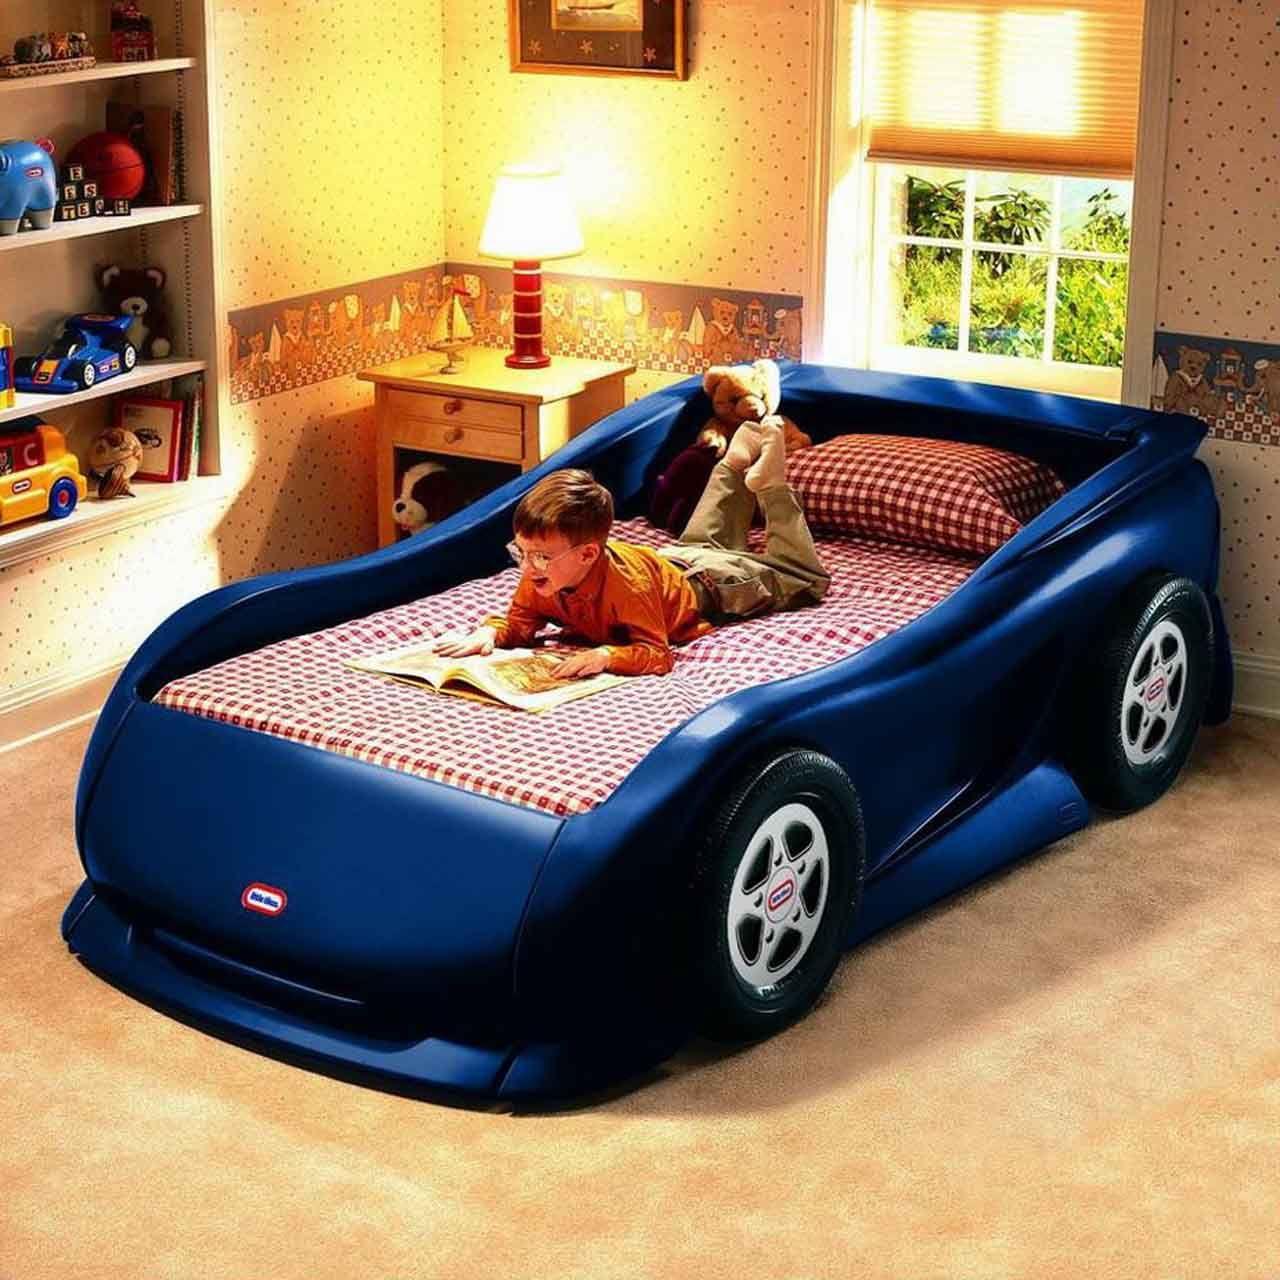 car themed bedroom furniture. Car Beds For Kids Boys Bedroom Furniture Themed